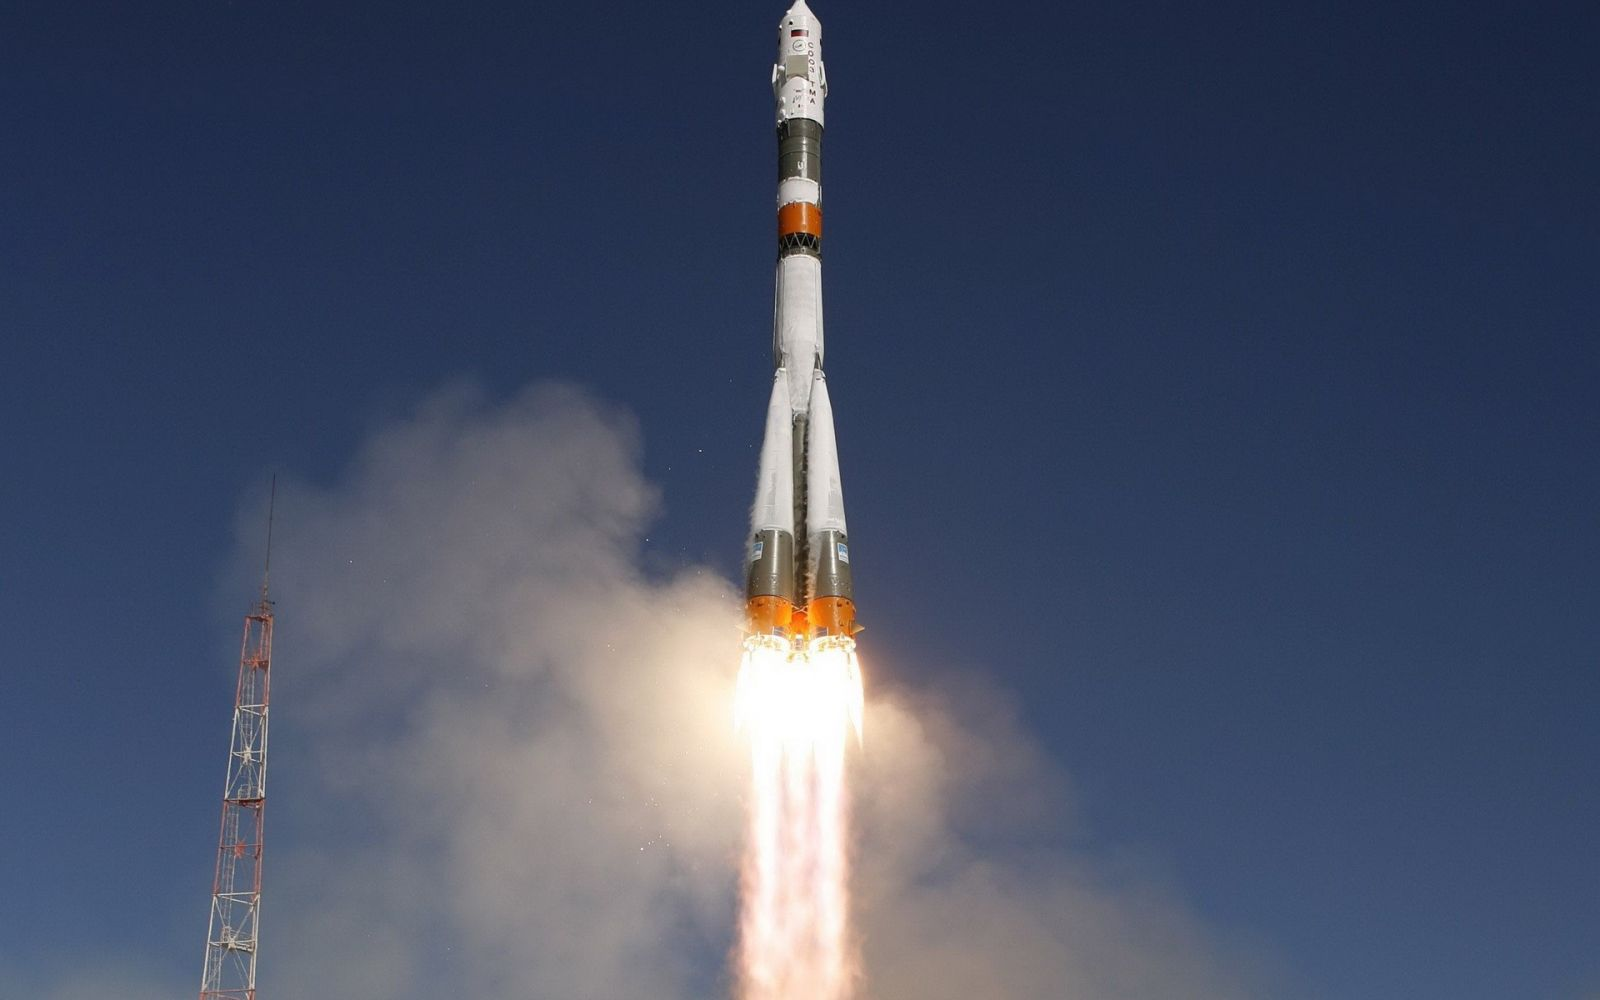 В Украине впервые испытали двигатель для ракеты-носителя Циклон-4